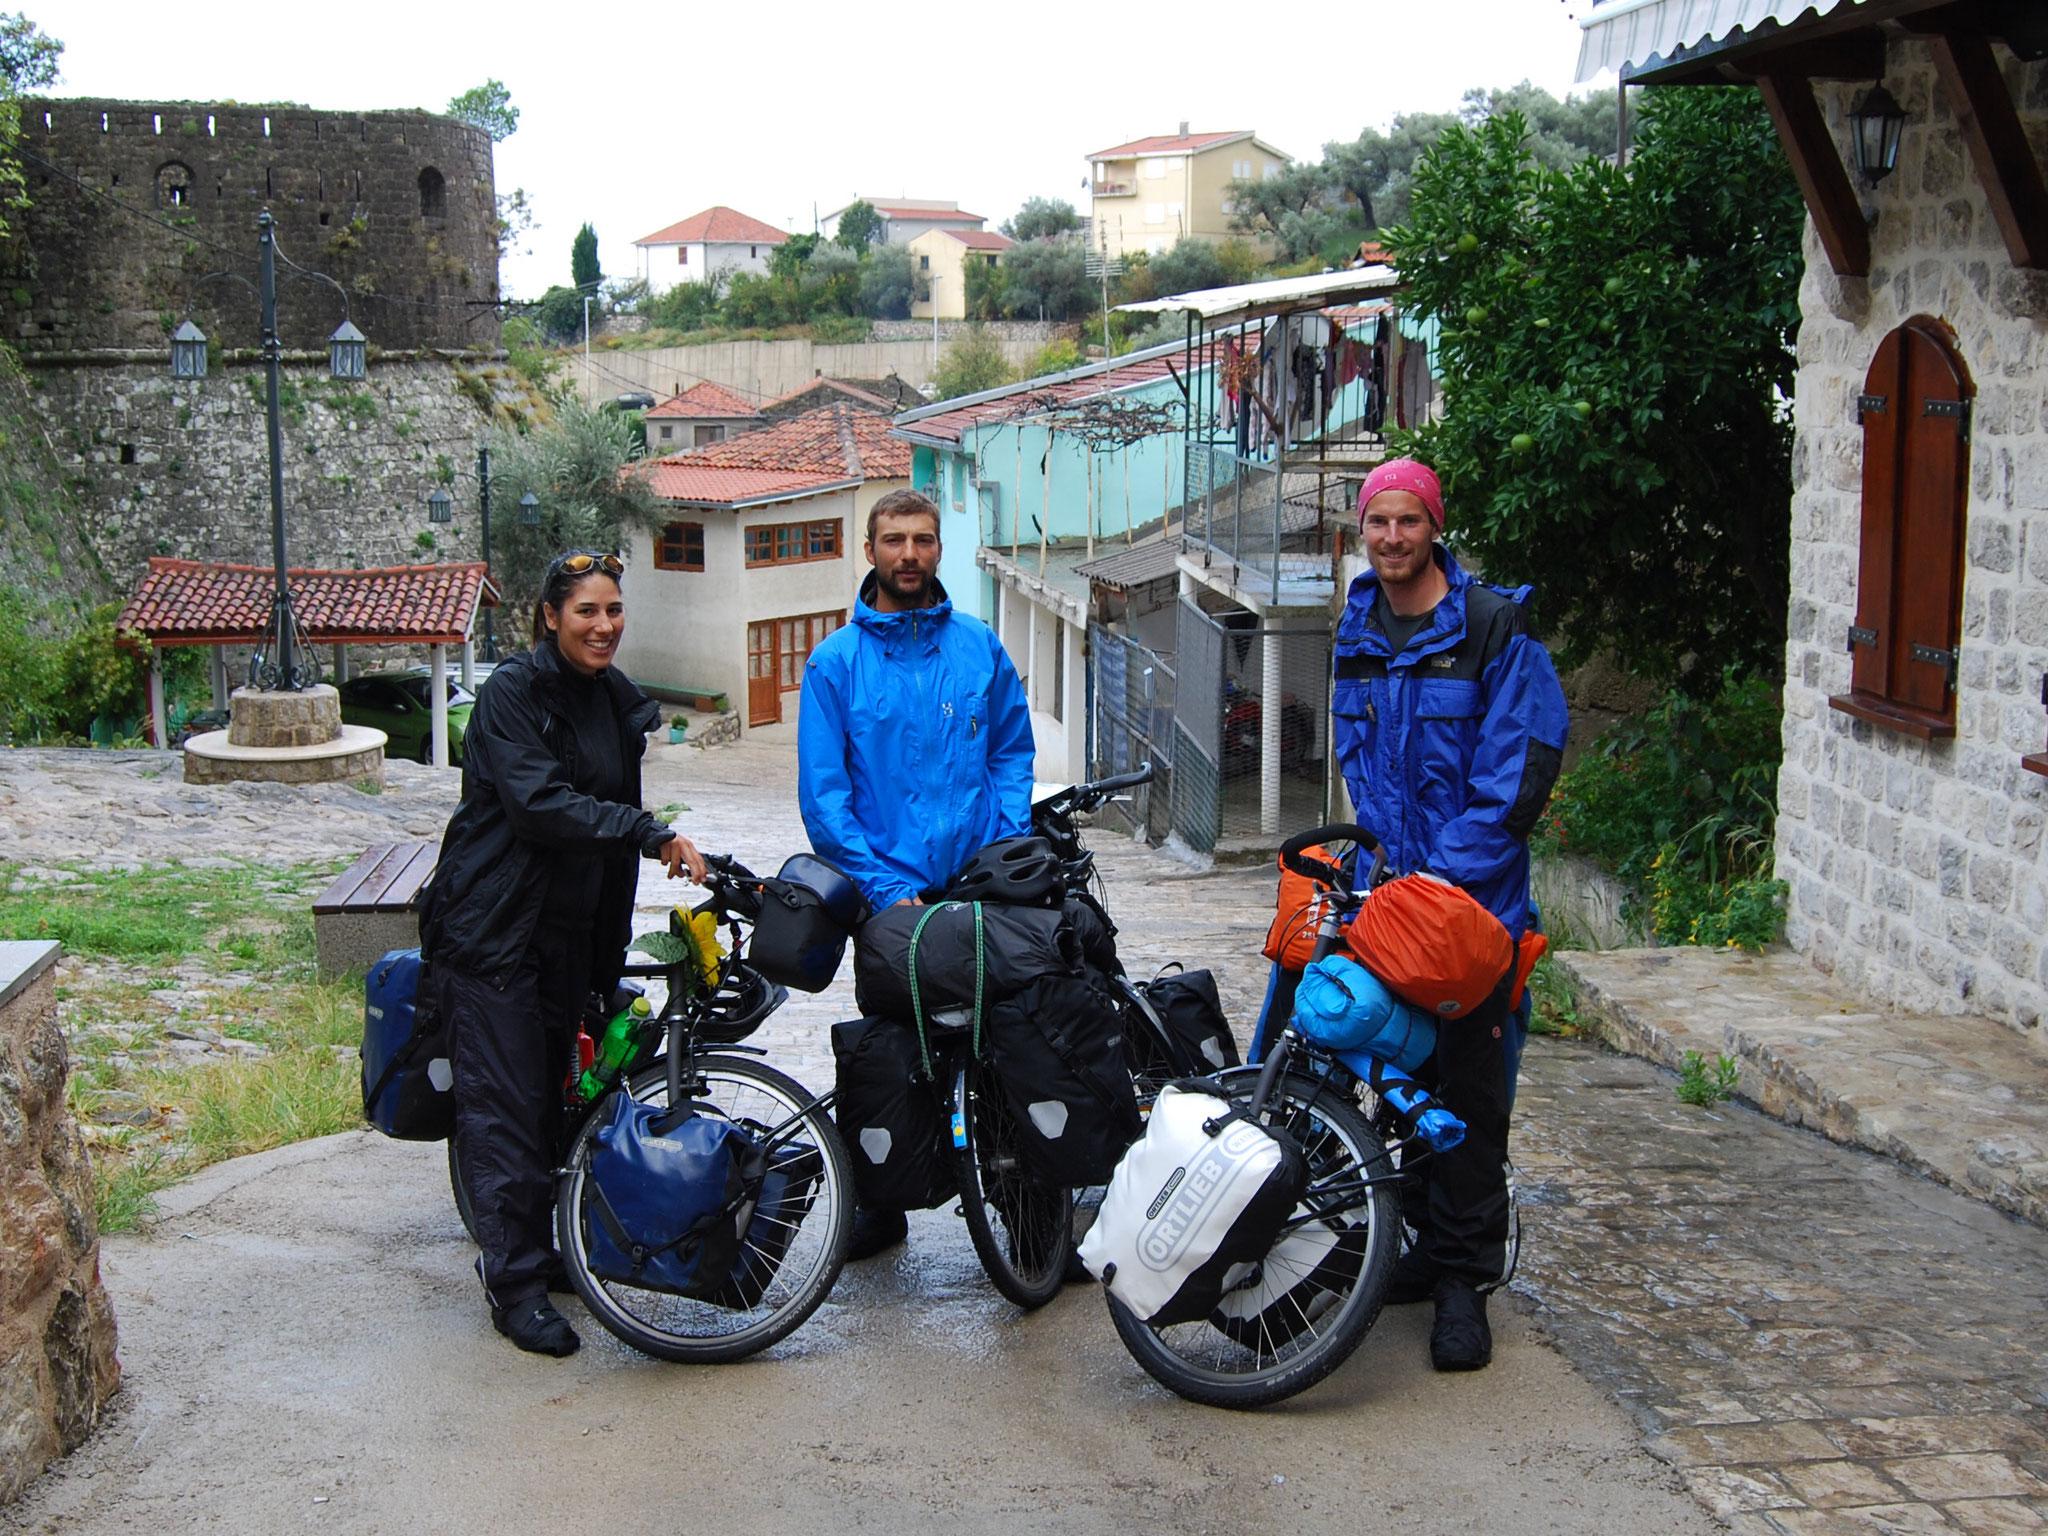 Laetitia, Davide et Gaëtan qu'on vient de rencontrer!